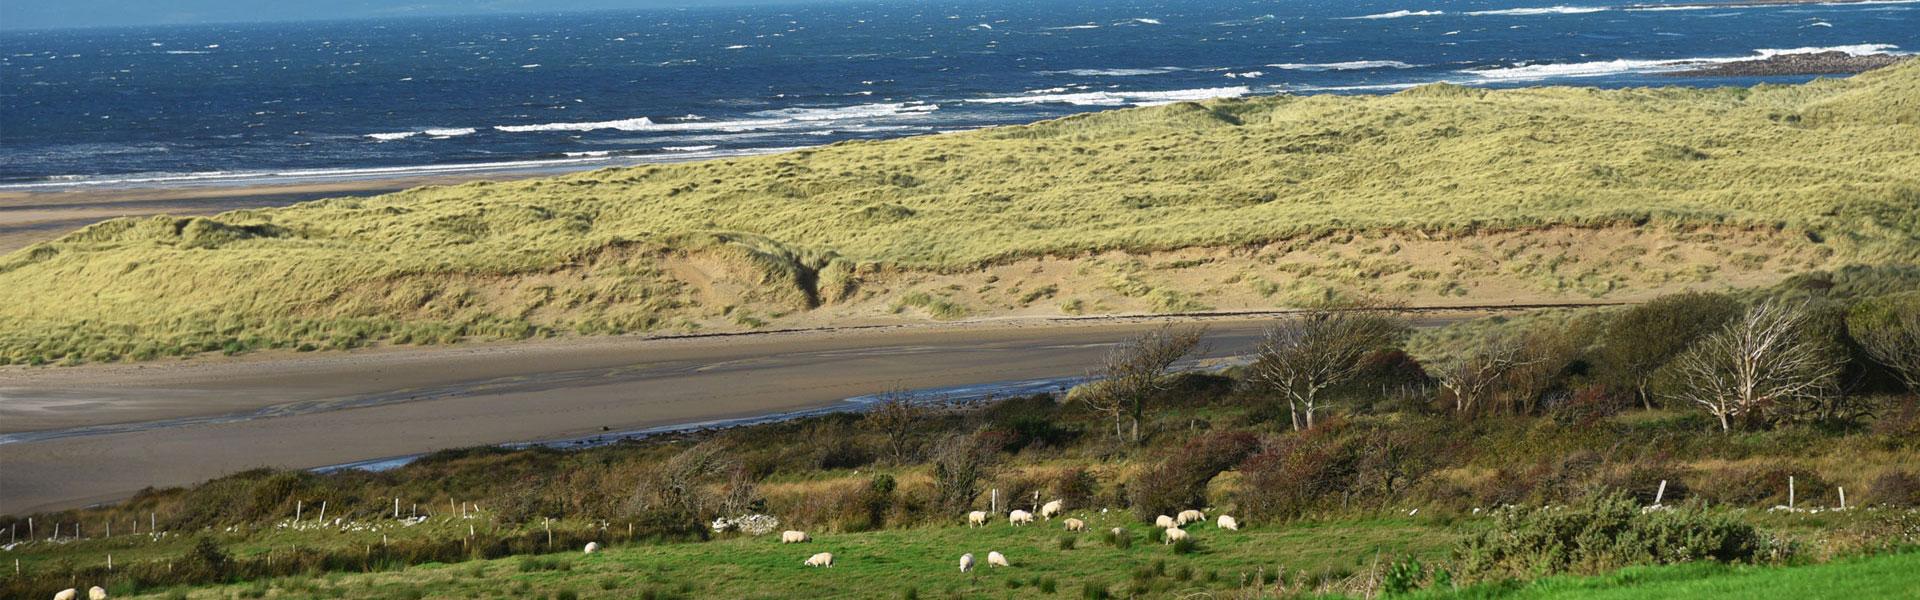 Irland Meeresalgen Bio